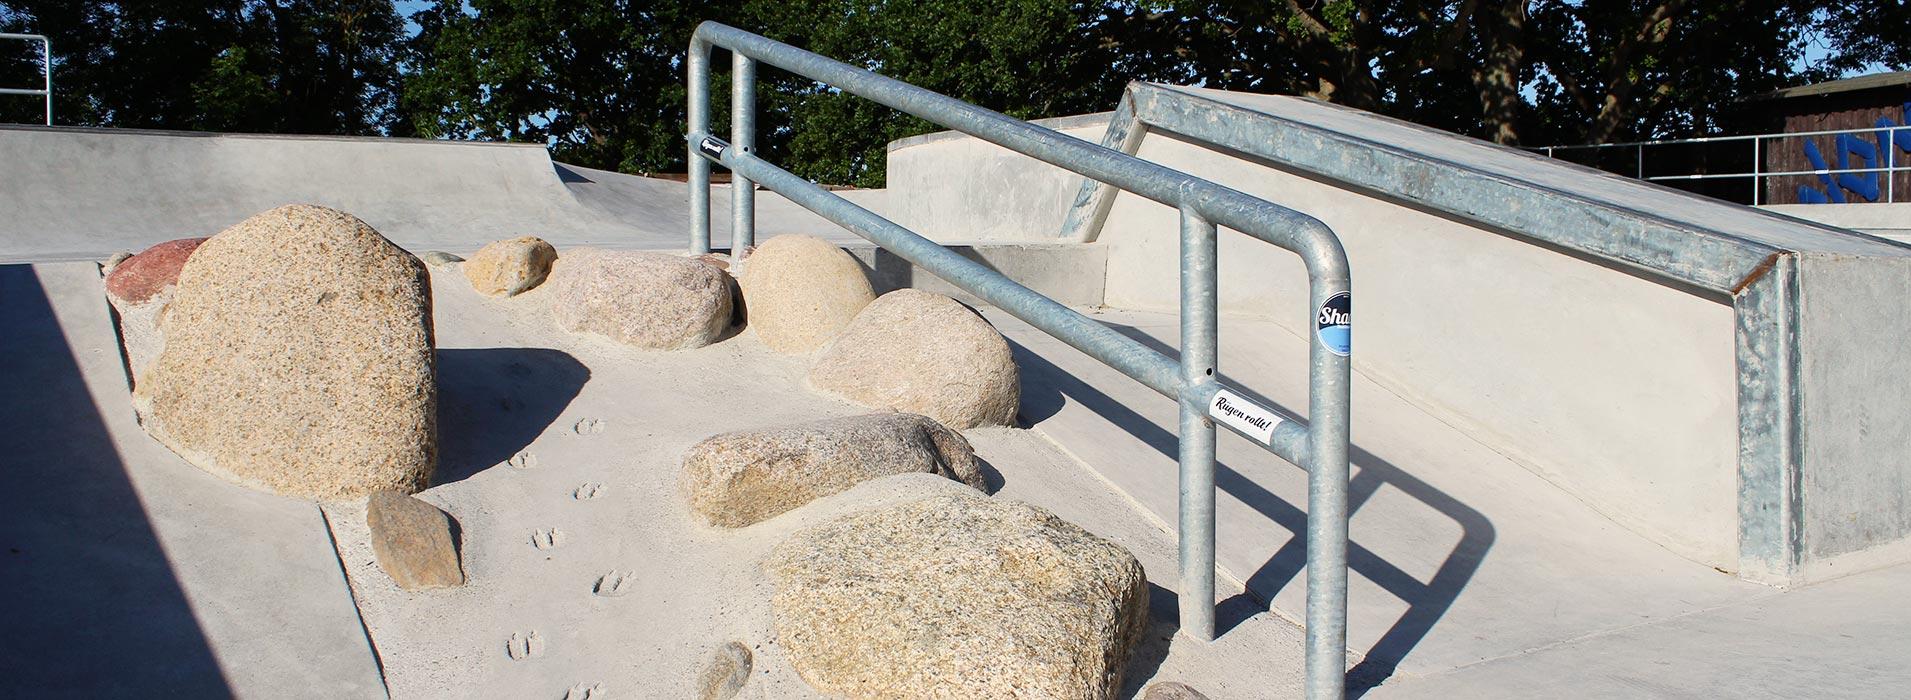 slider_skatepark_18